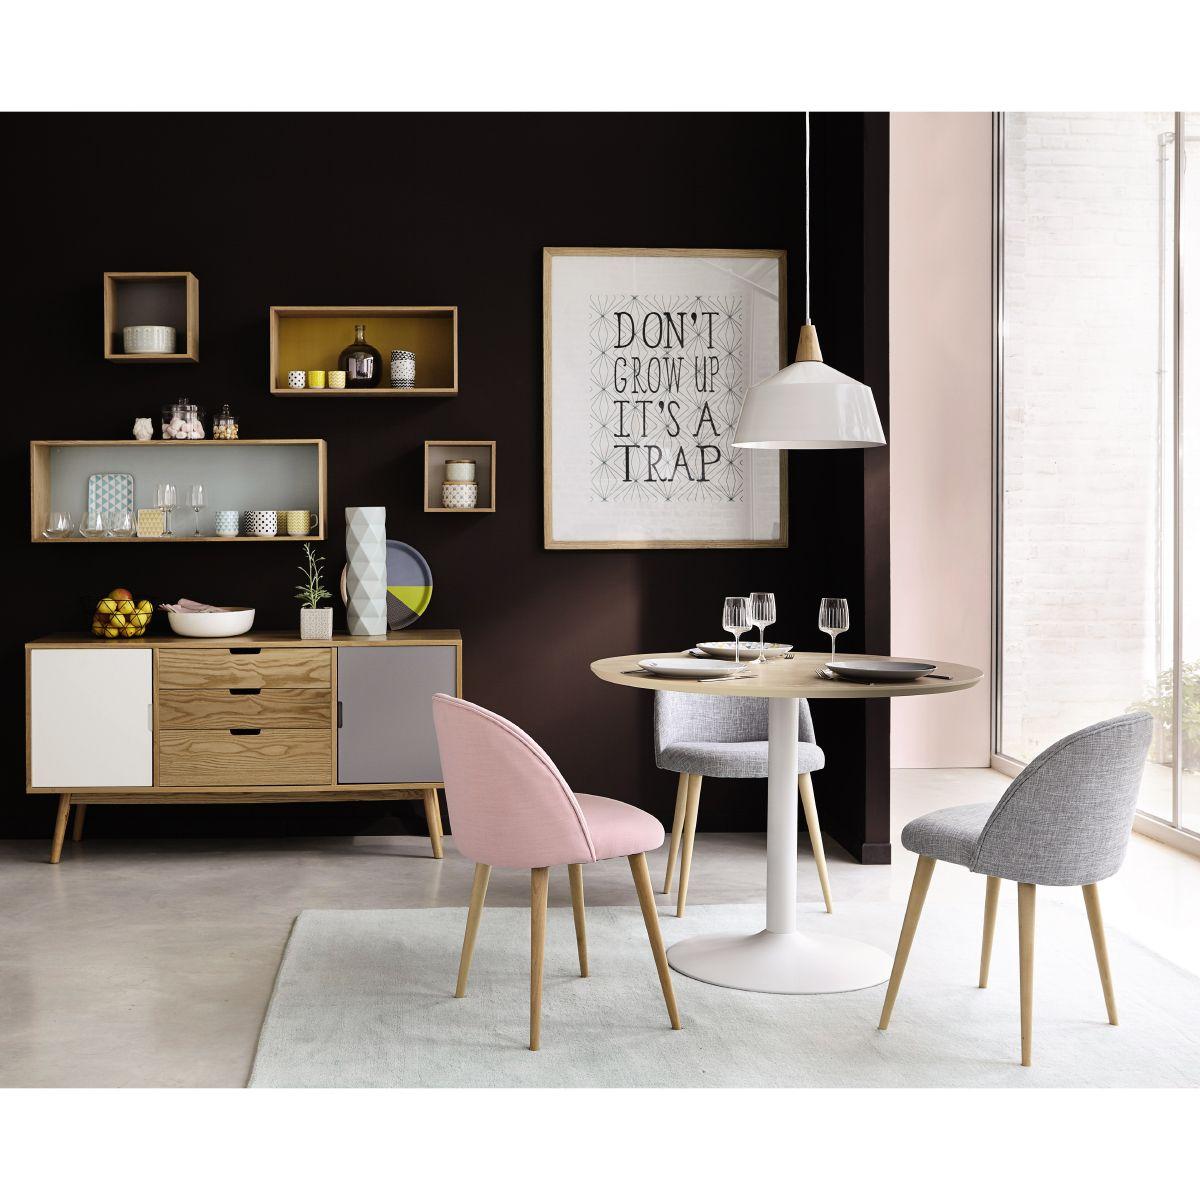 catalogue deco maison fabulous amazing catalogue deco. Black Bedroom Furniture Sets. Home Design Ideas